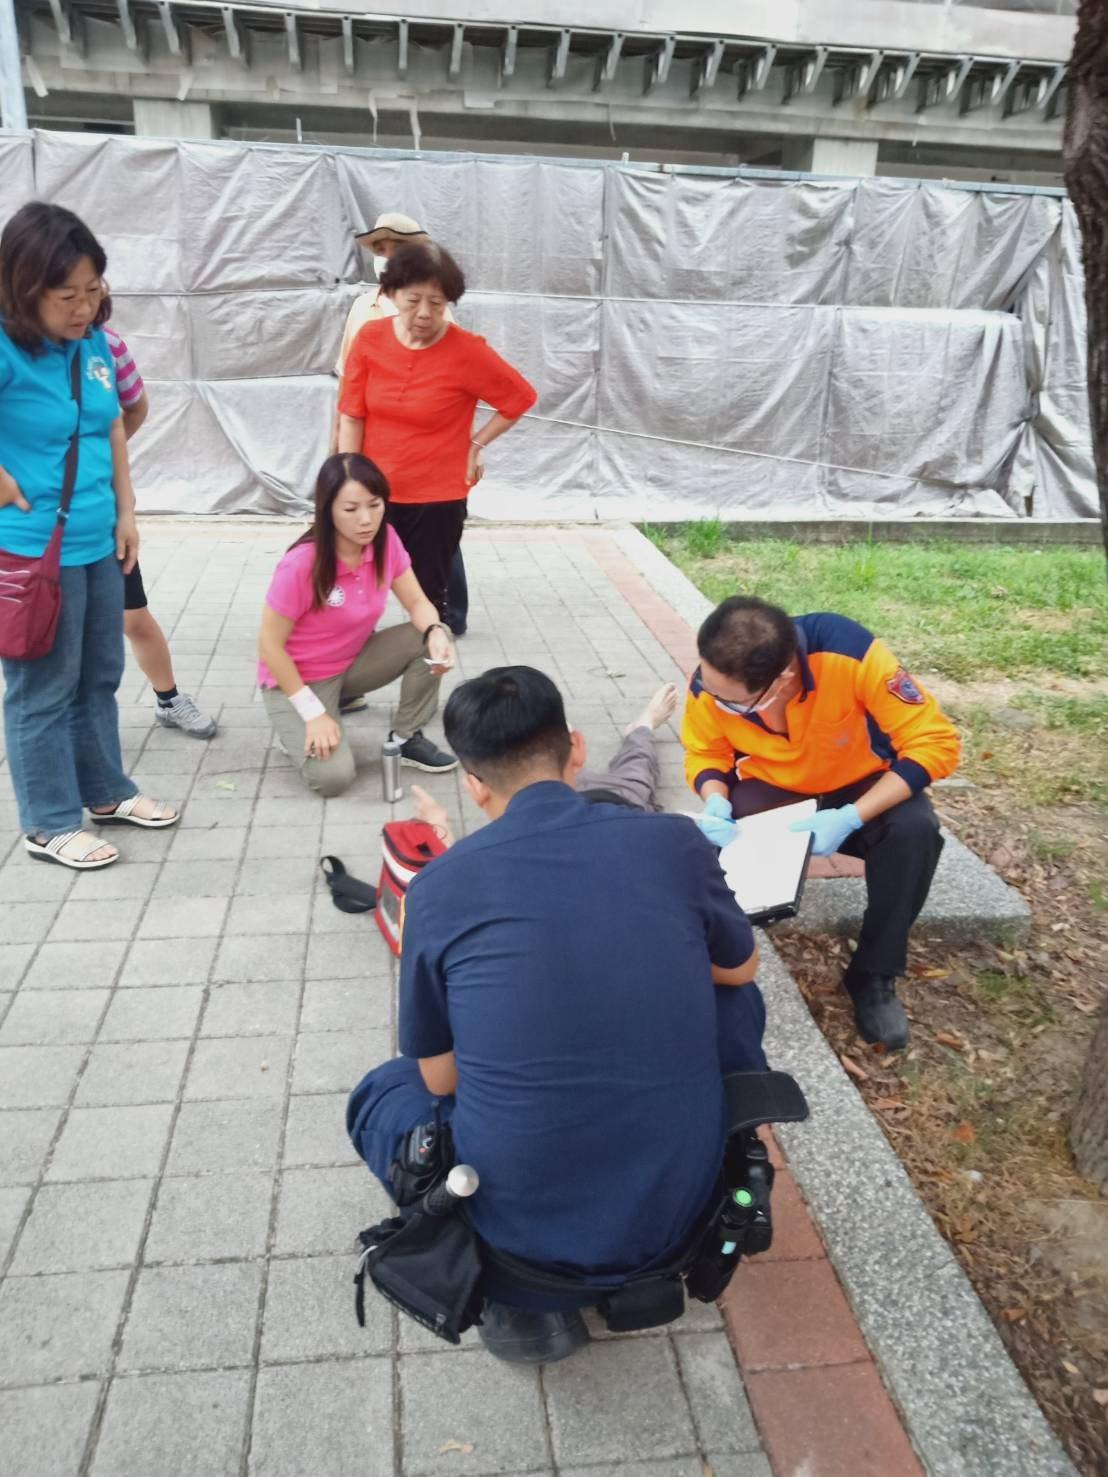 影/老翁公園內昏倒 立委候選人放下行程「救人第一」